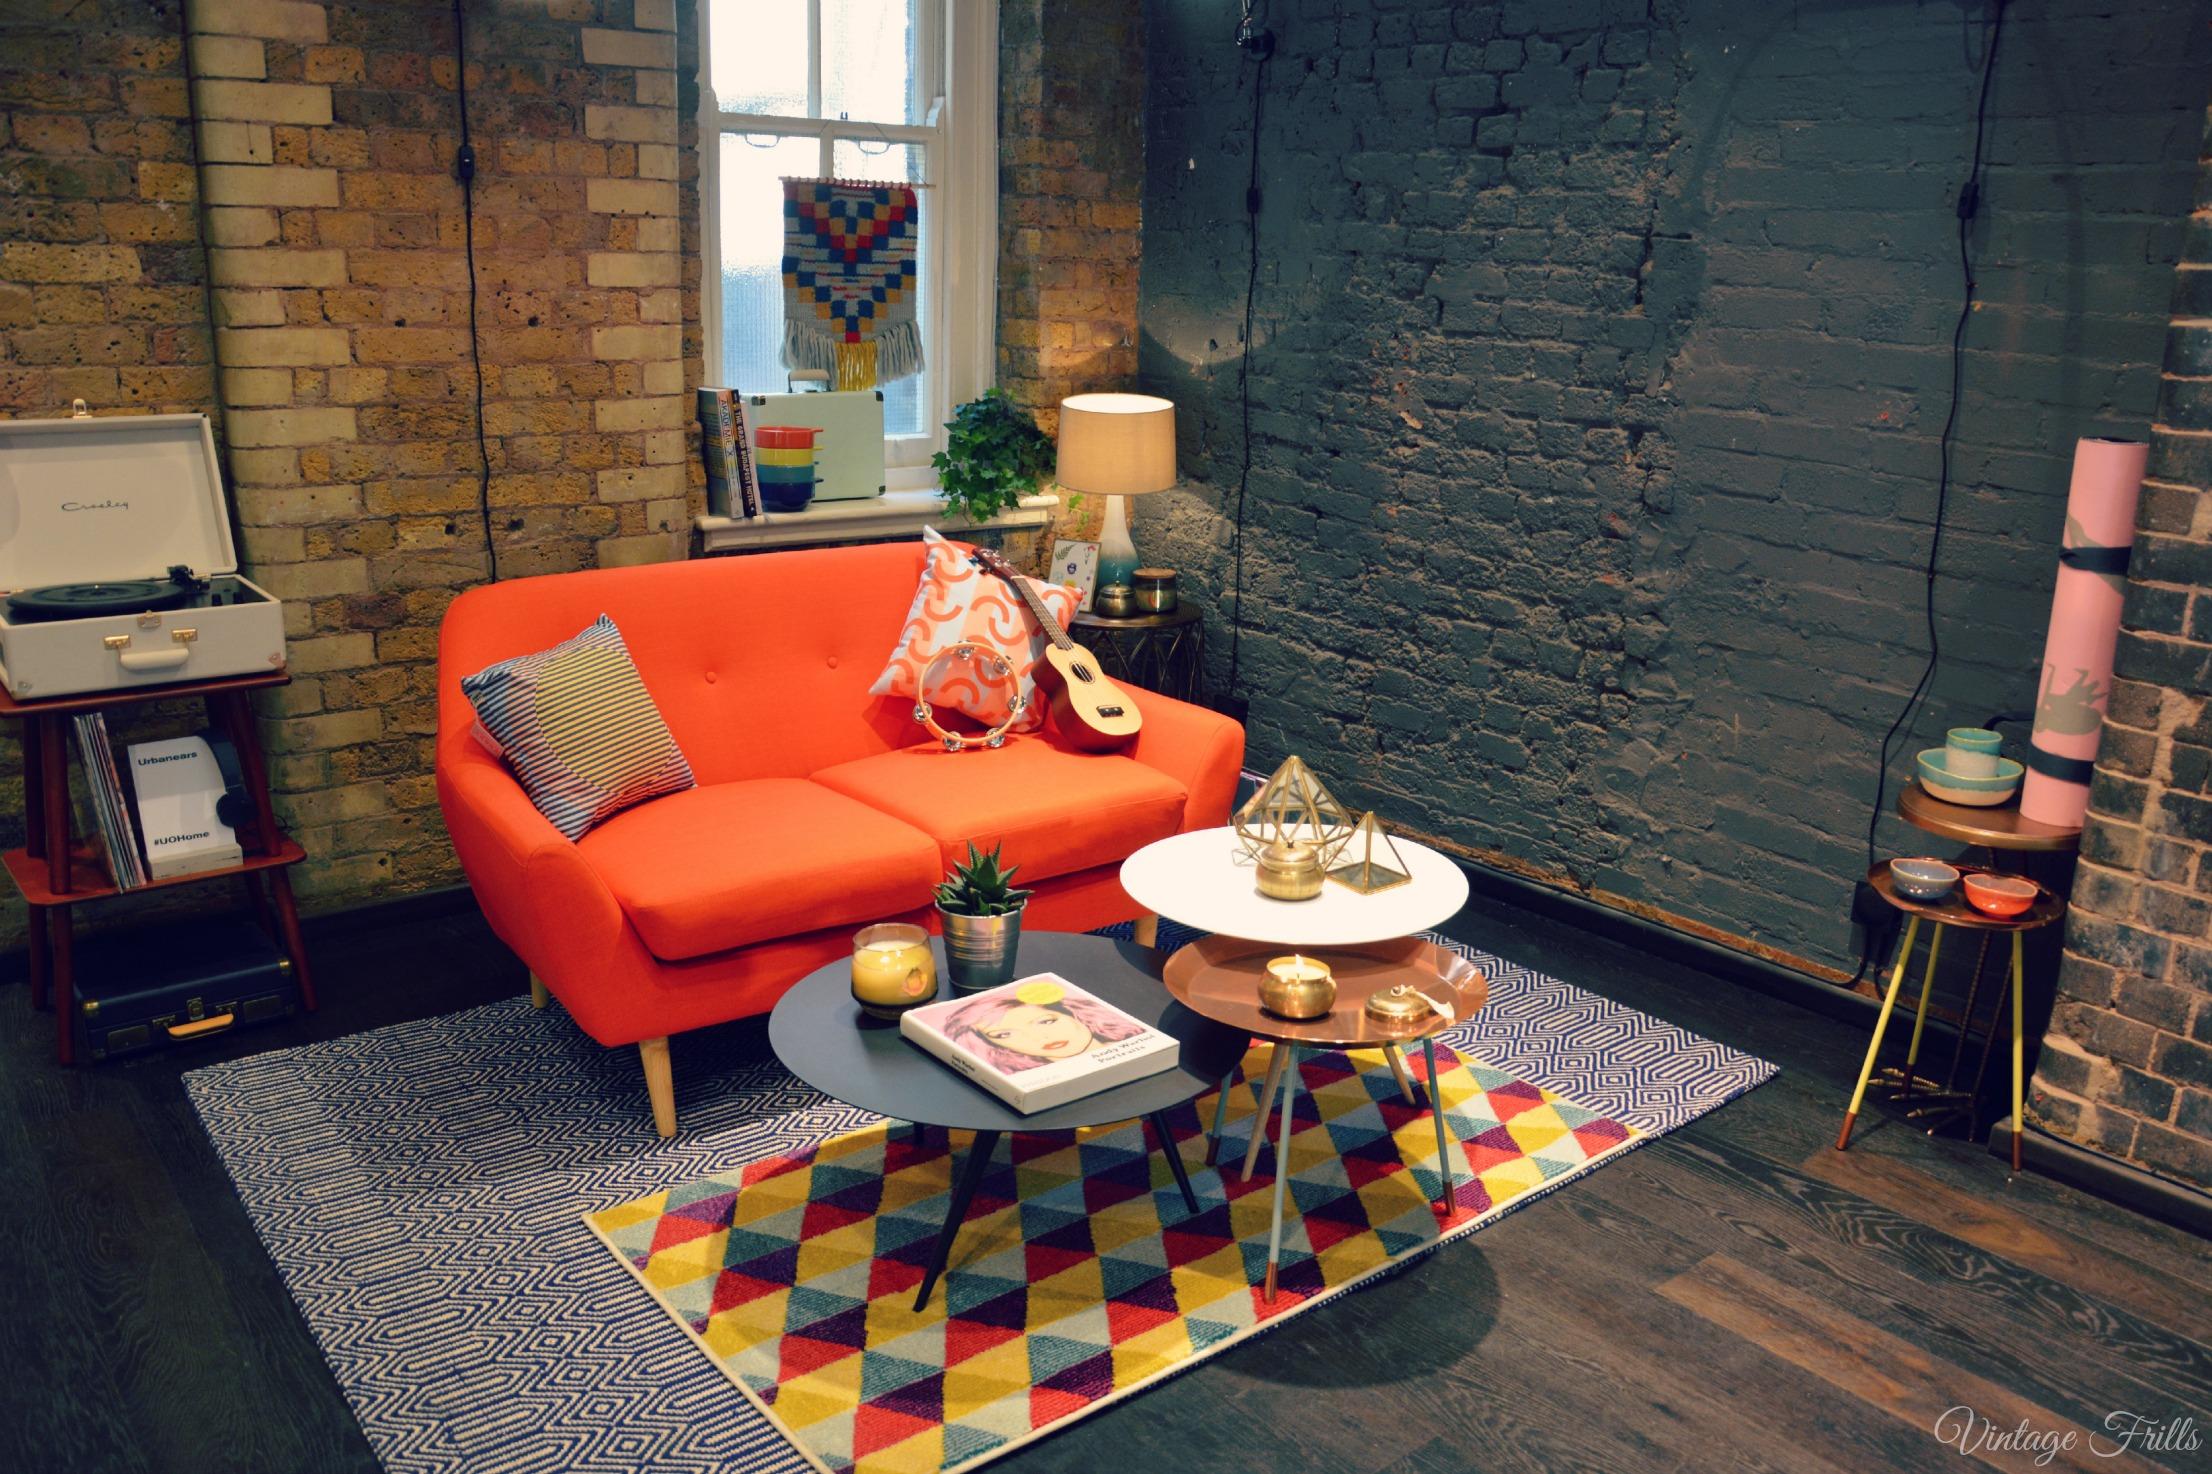 Urban Outfitter Press Day AW15 Retro Sofa